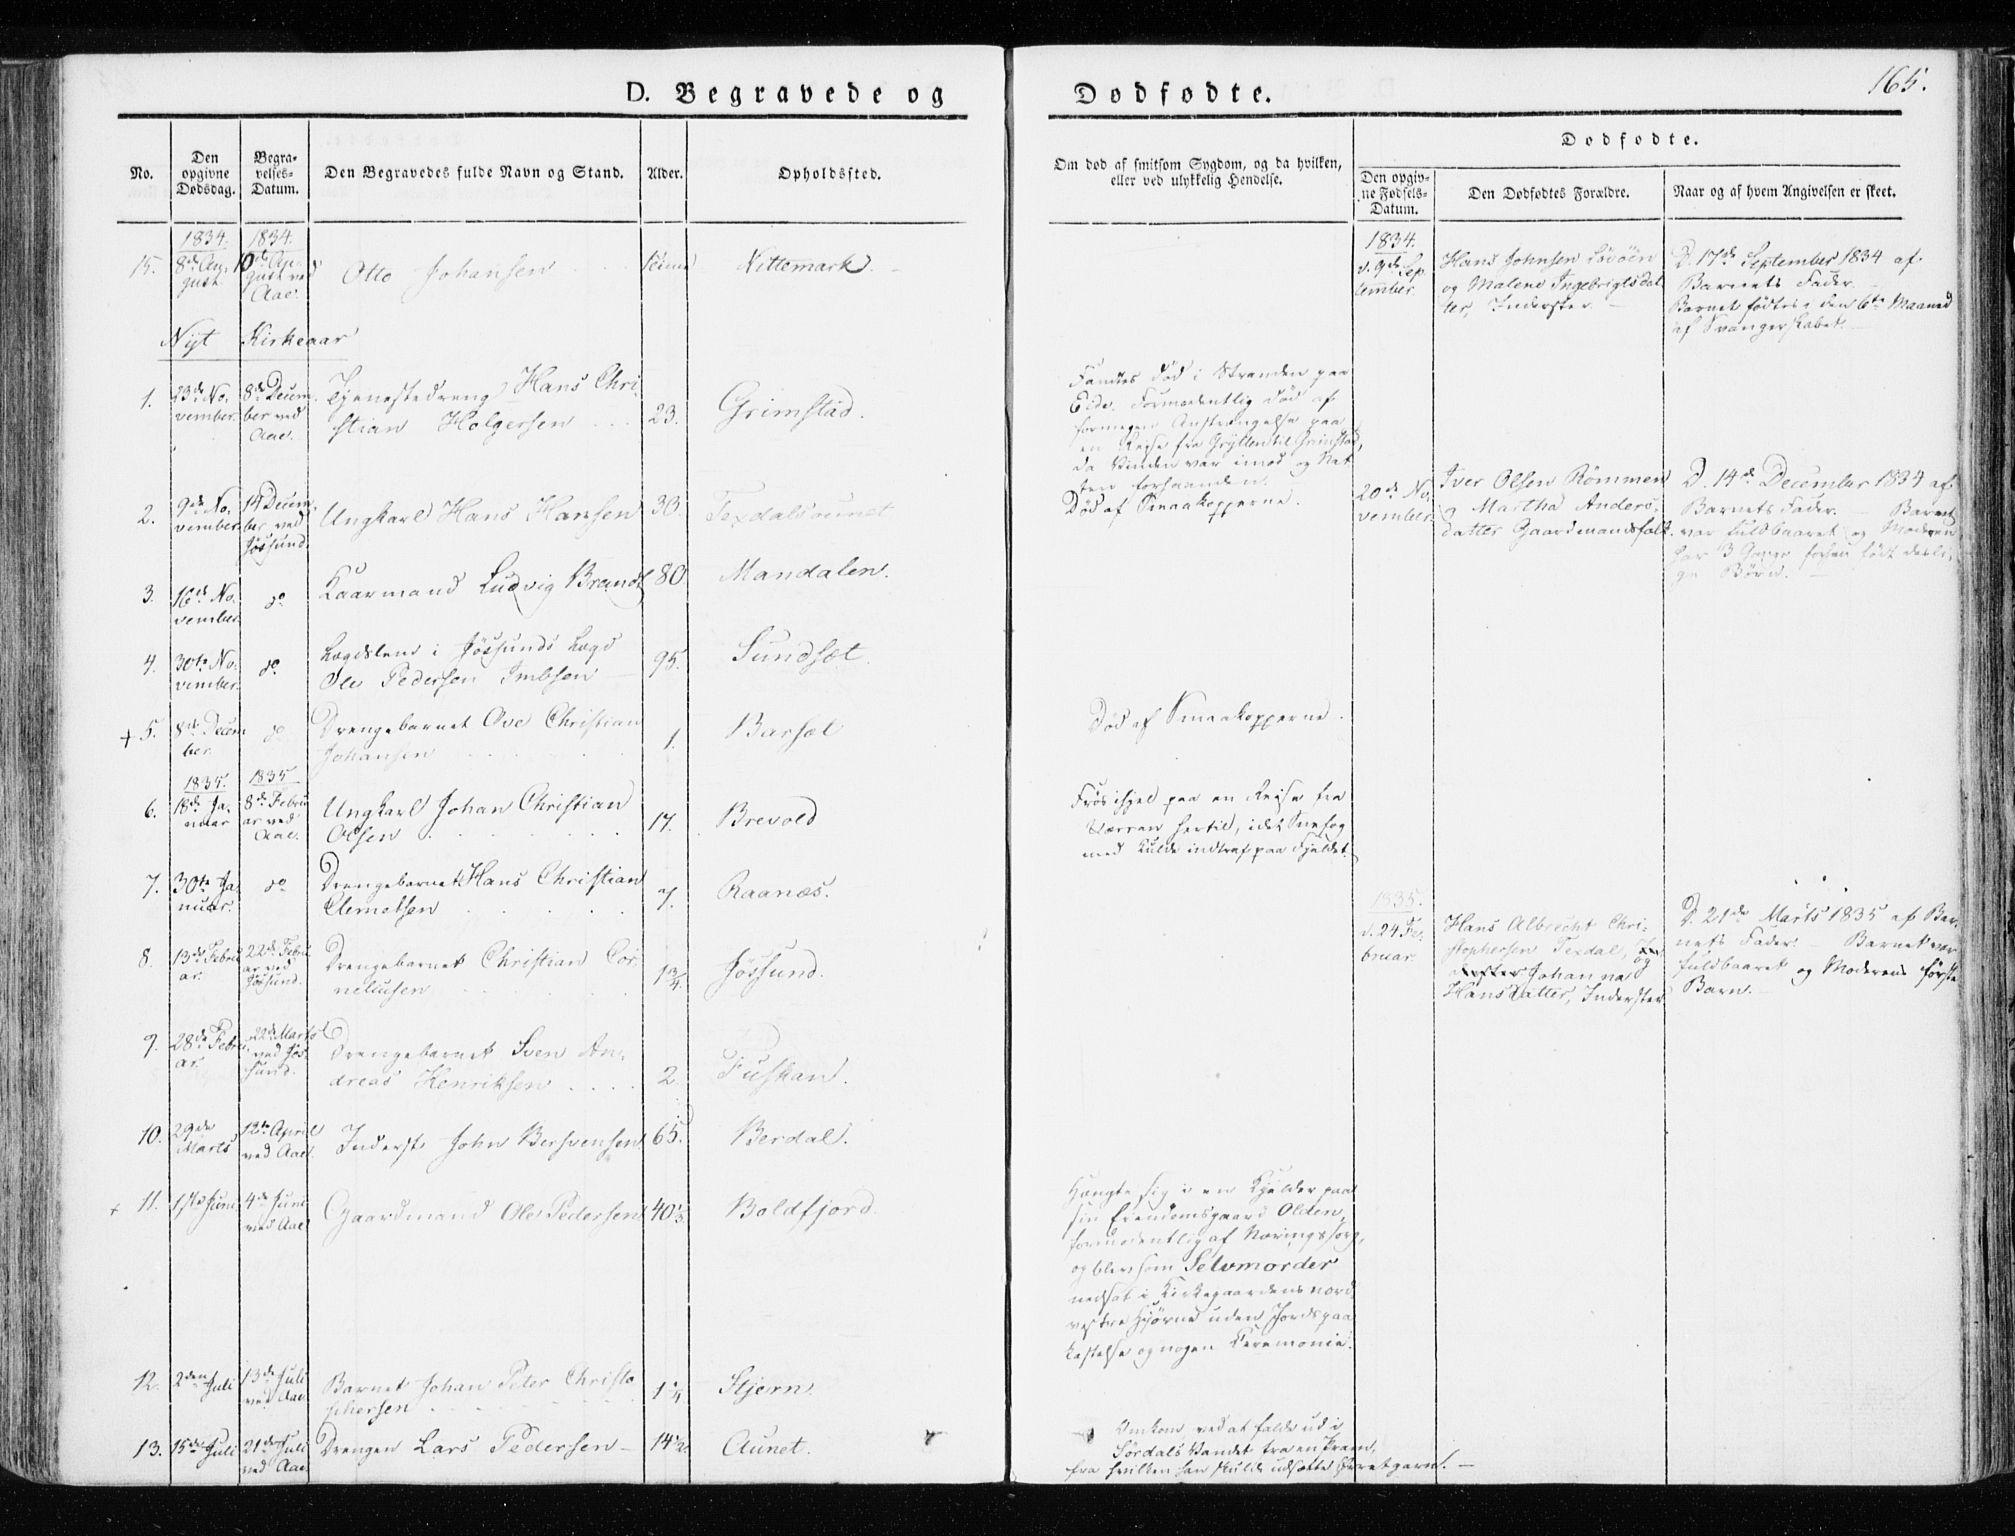 SAT, Ministerialprotokoller, klokkerbøker og fødselsregistre - Sør-Trøndelag, 655/L0676: Ministerialbok nr. 655A05, 1830-1847, s. 165